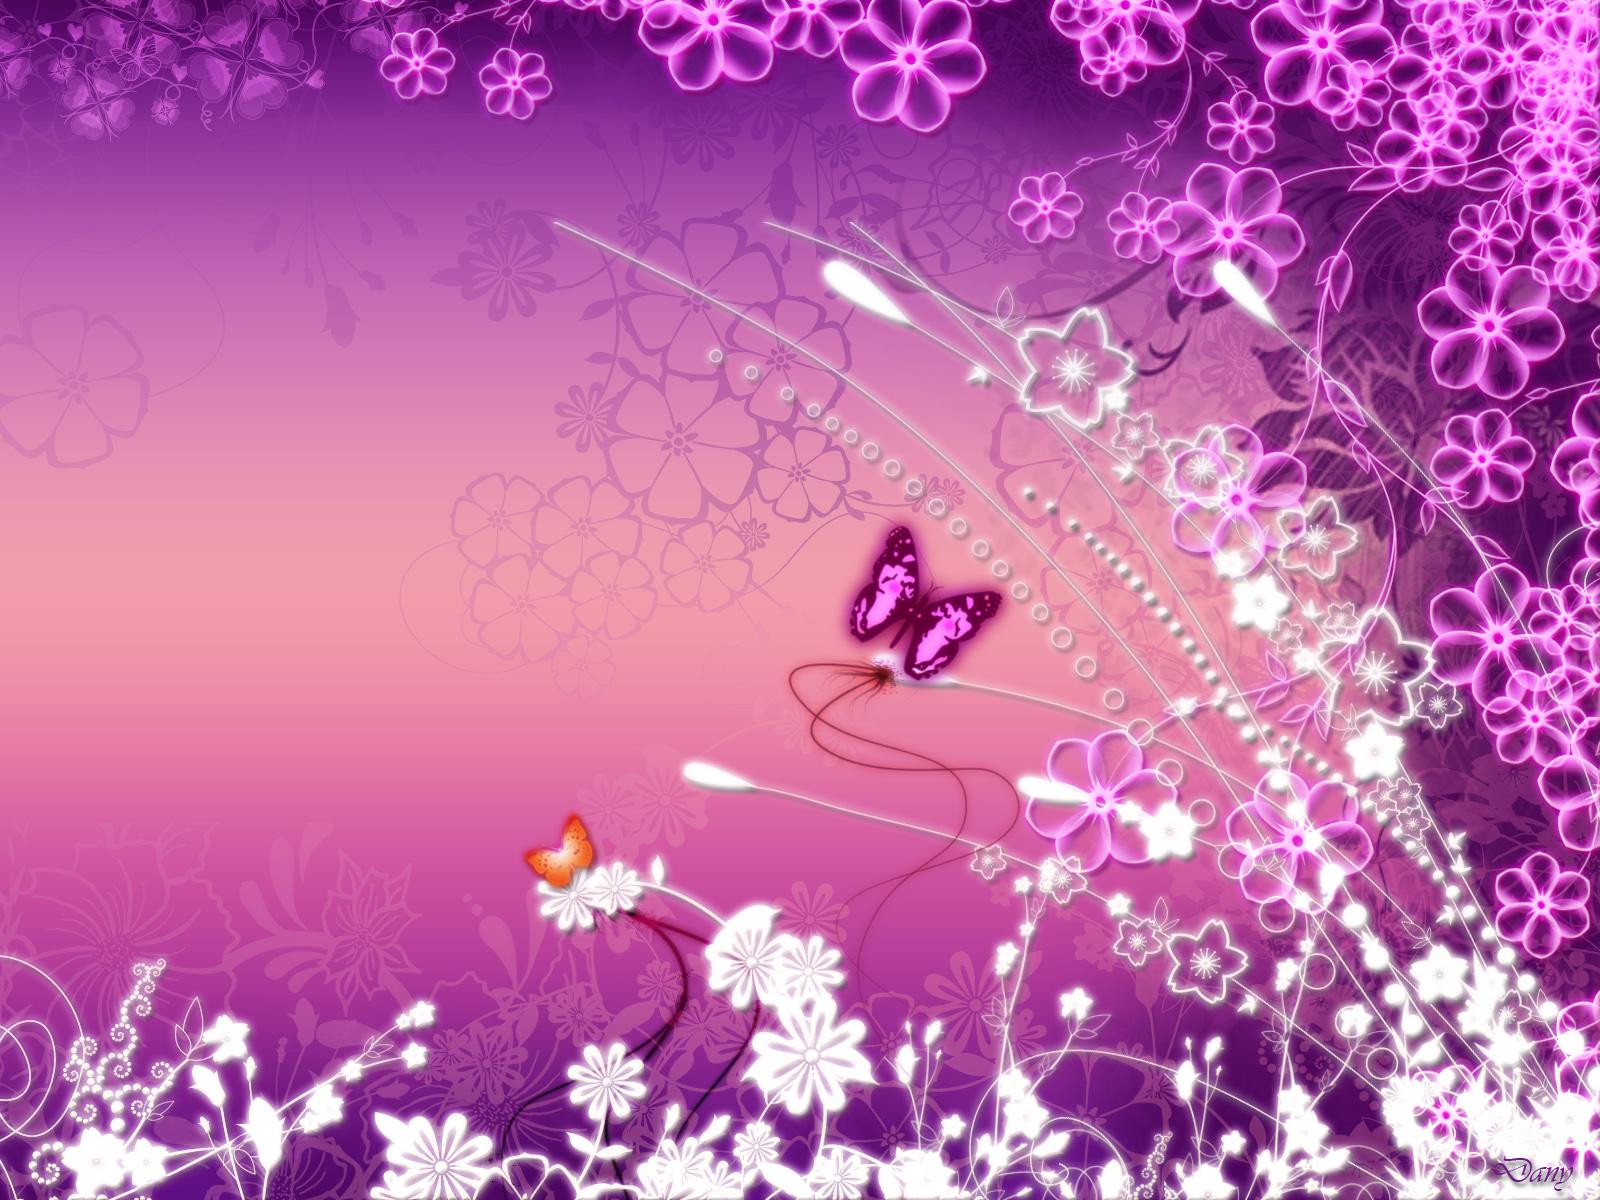 Wallpaper Design Pink Butterfly Wallpaper 1600x1200